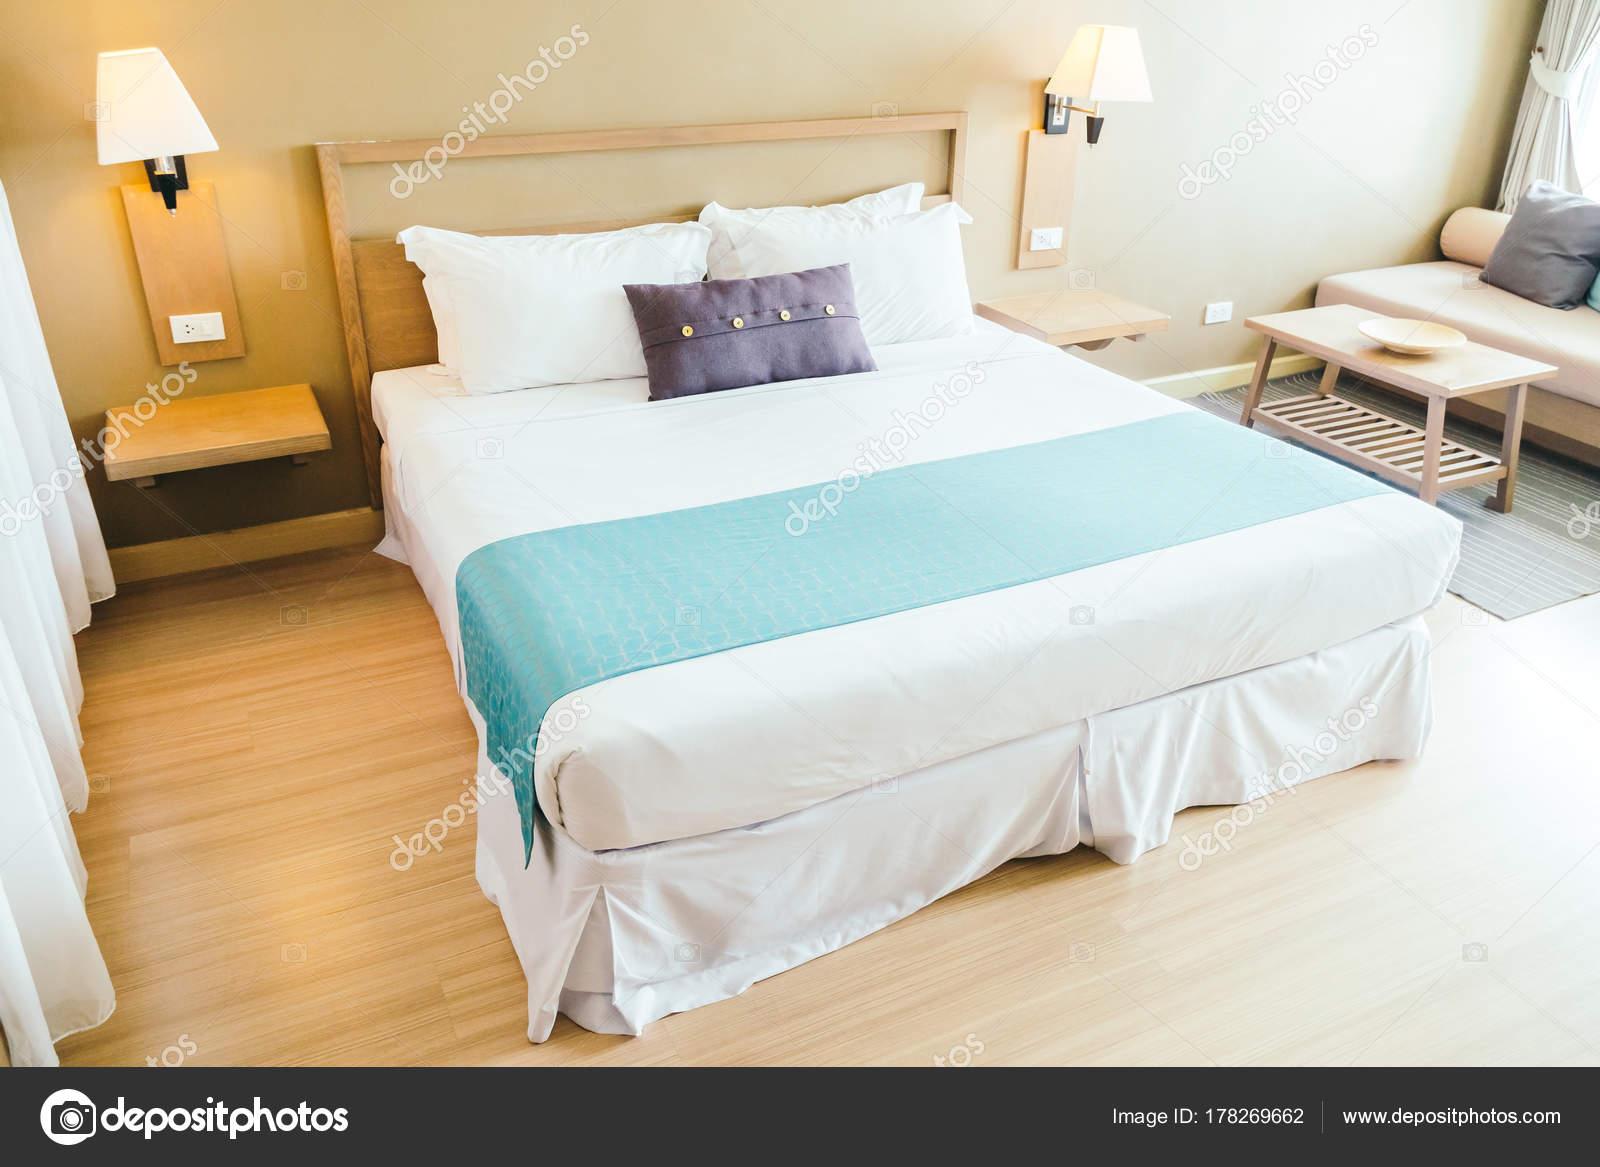 Comfortabel kussen het bed decoratie slaapkamer interieur met